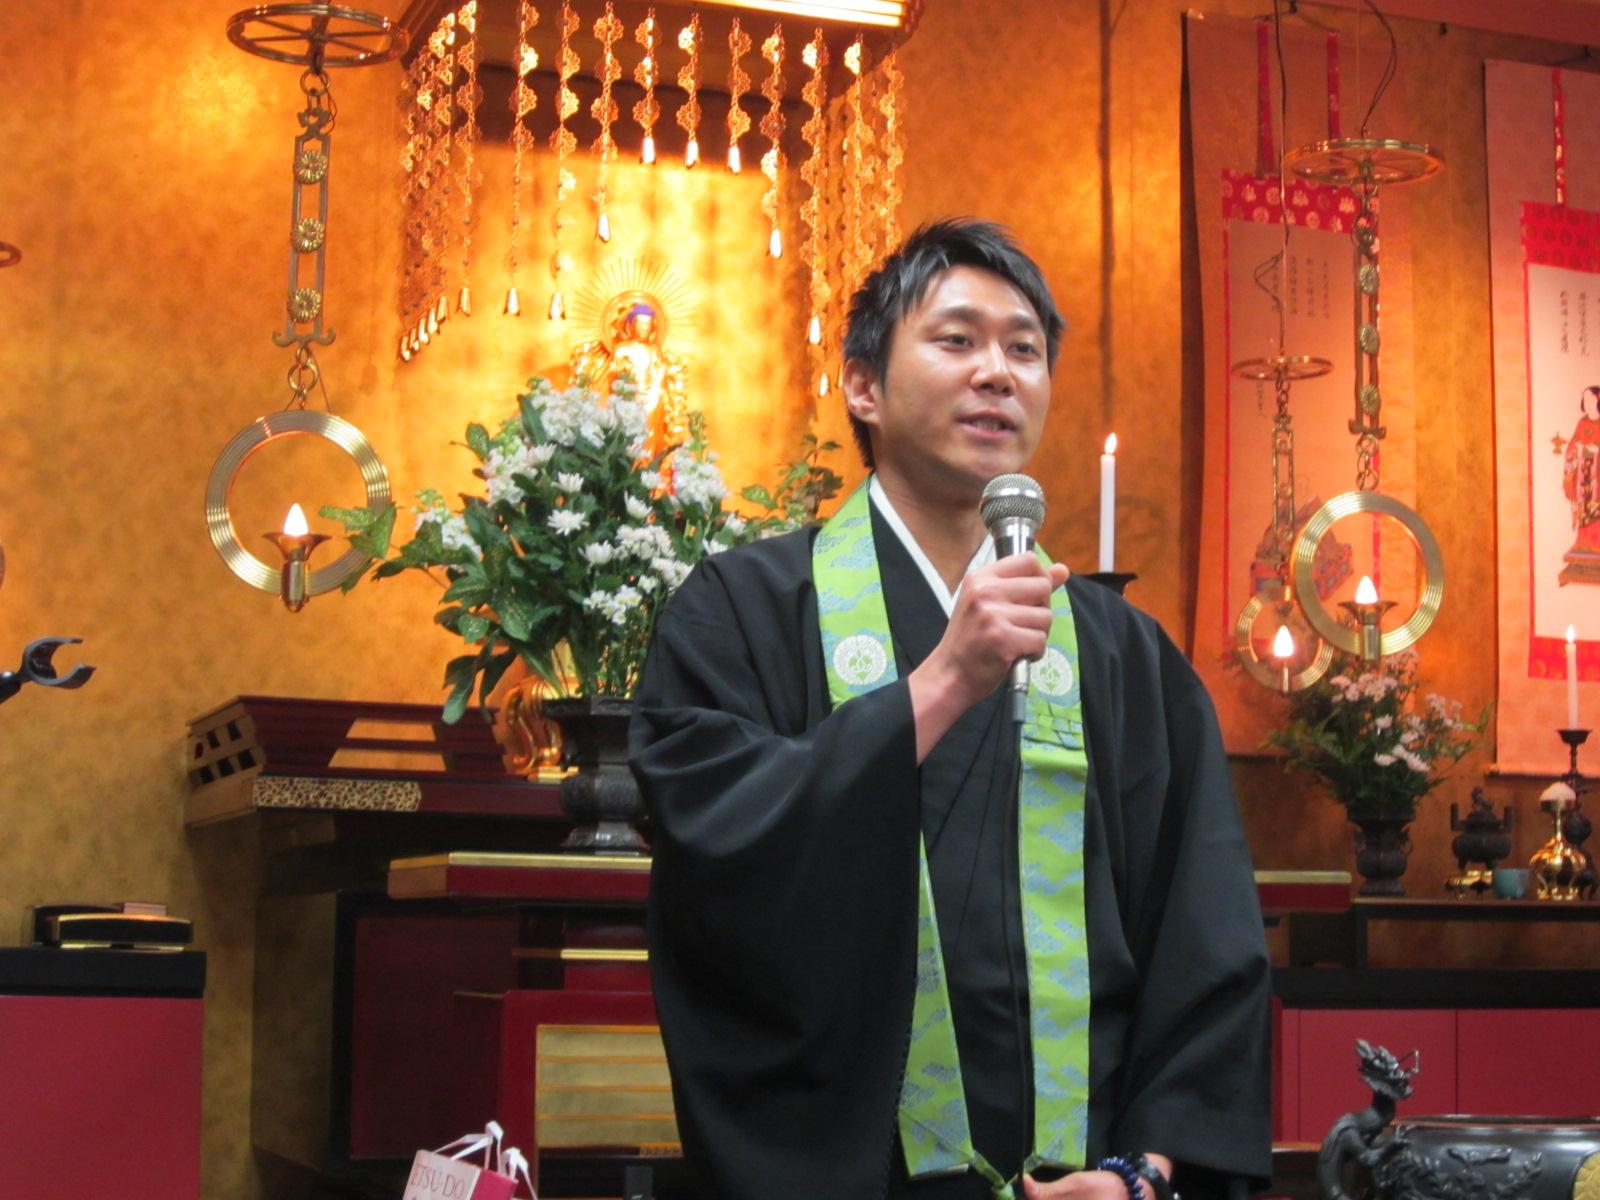 西法寺の追悼会_f0205367_1219657.jpg